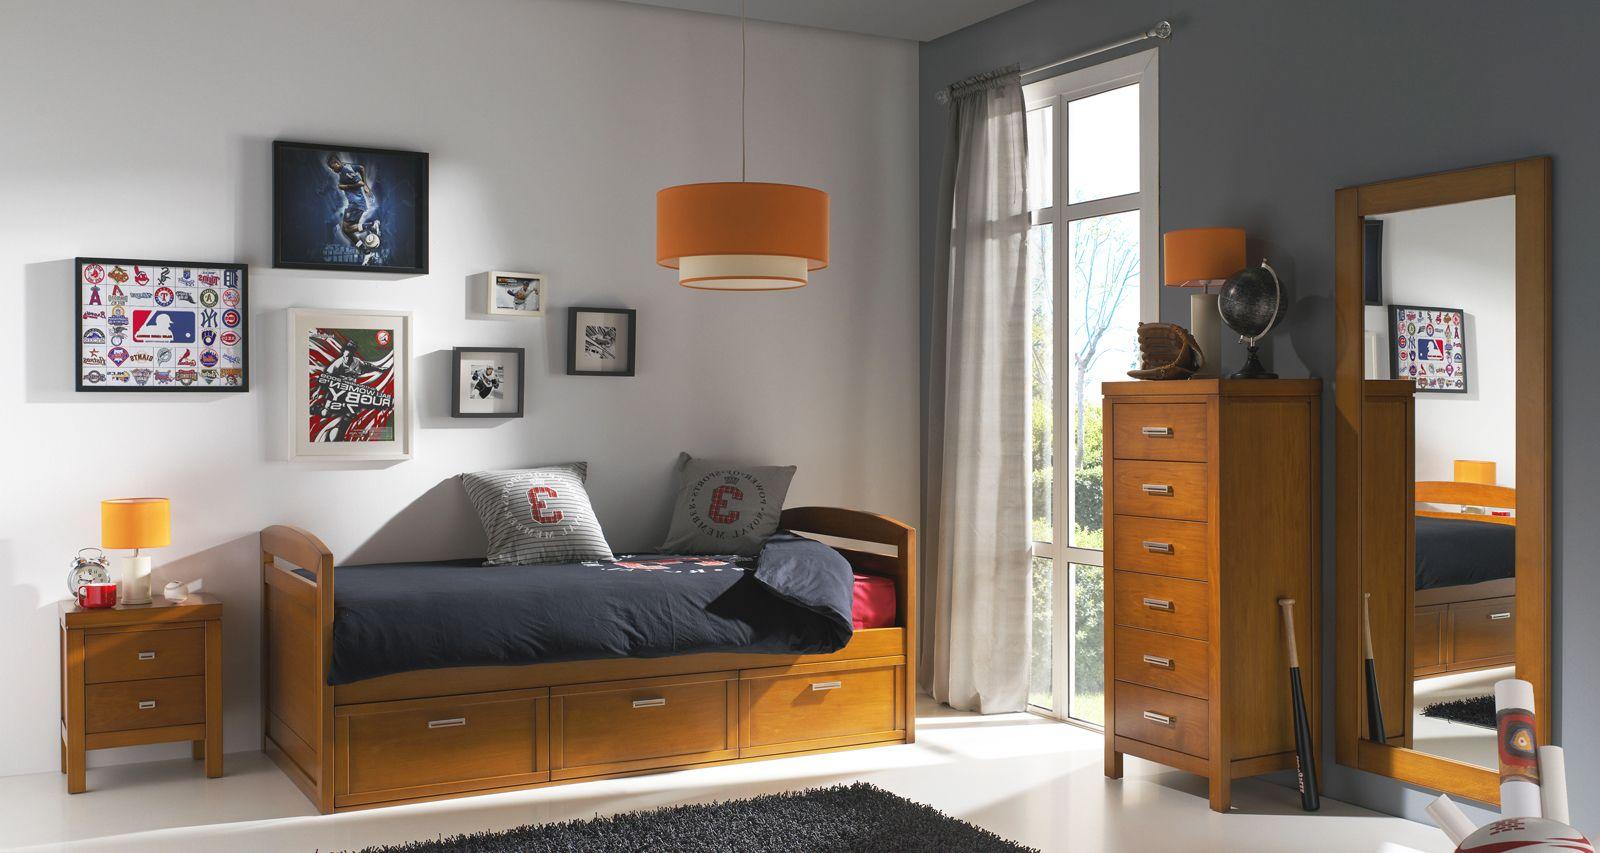 Cama nido con 1 cama y 3 cajones haya muebles for Muebles dormitorio juvenil